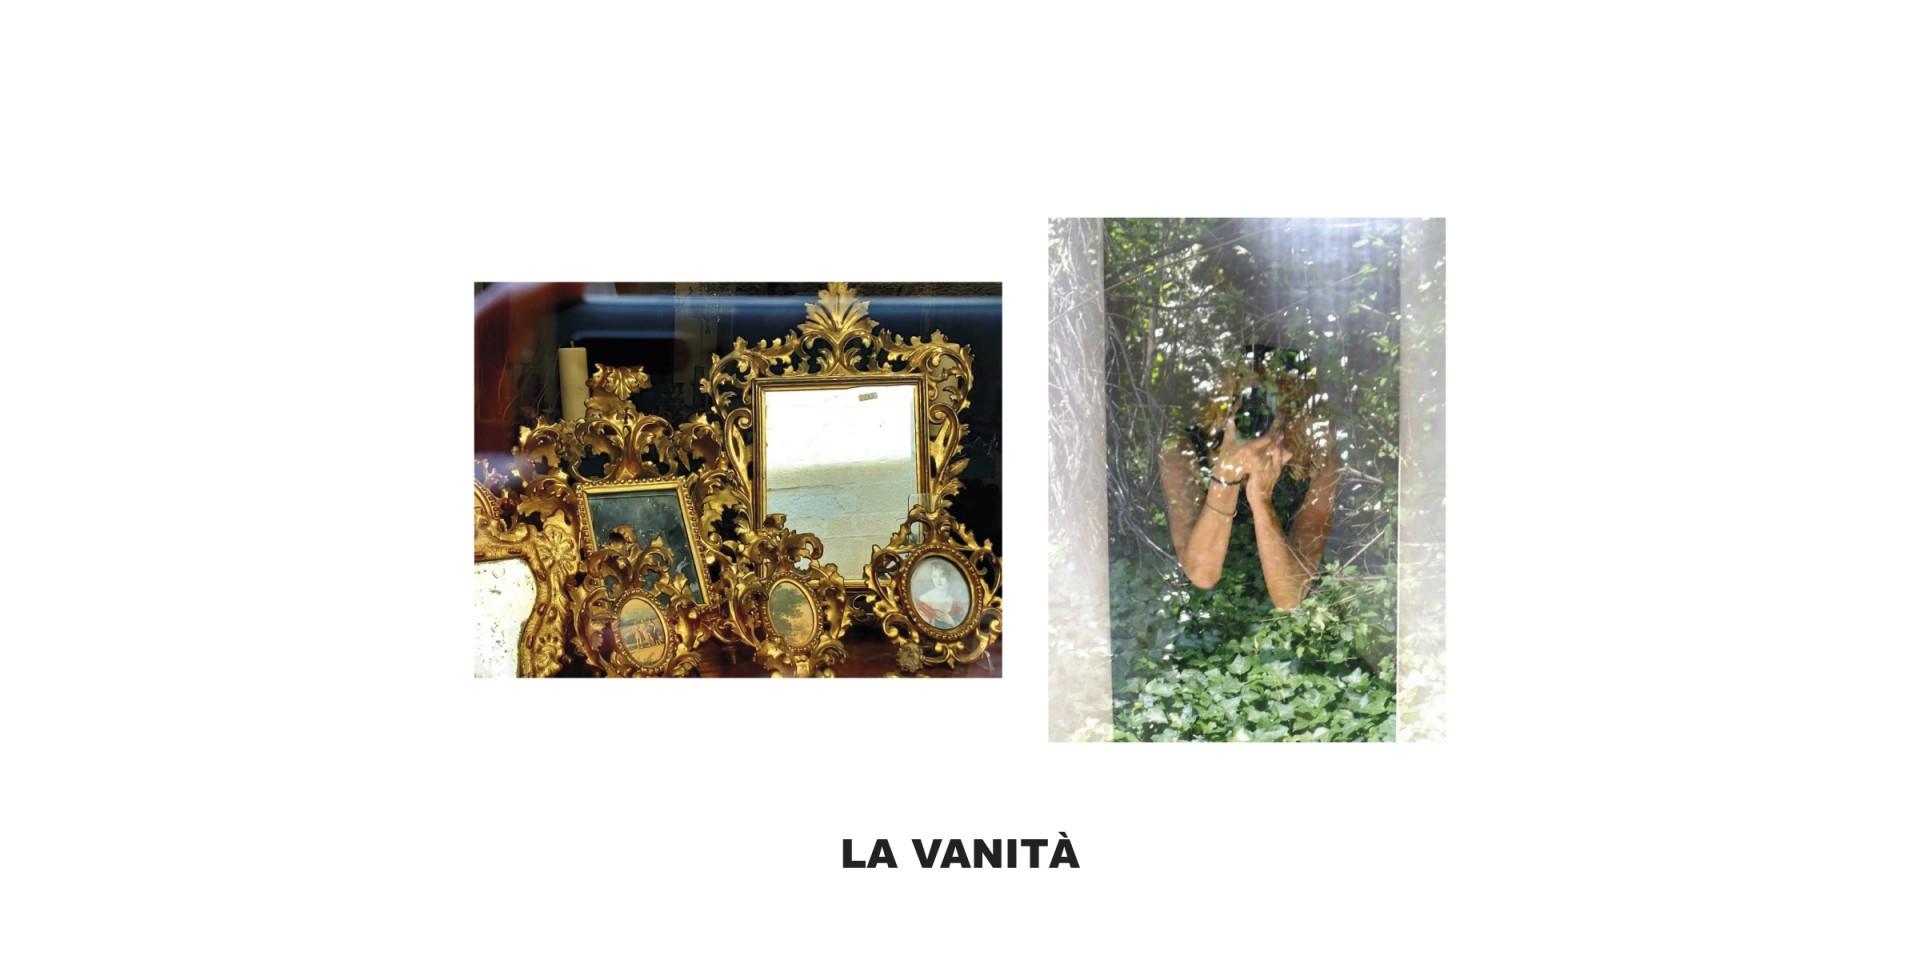 03-slide-la-vanita-3.jpg